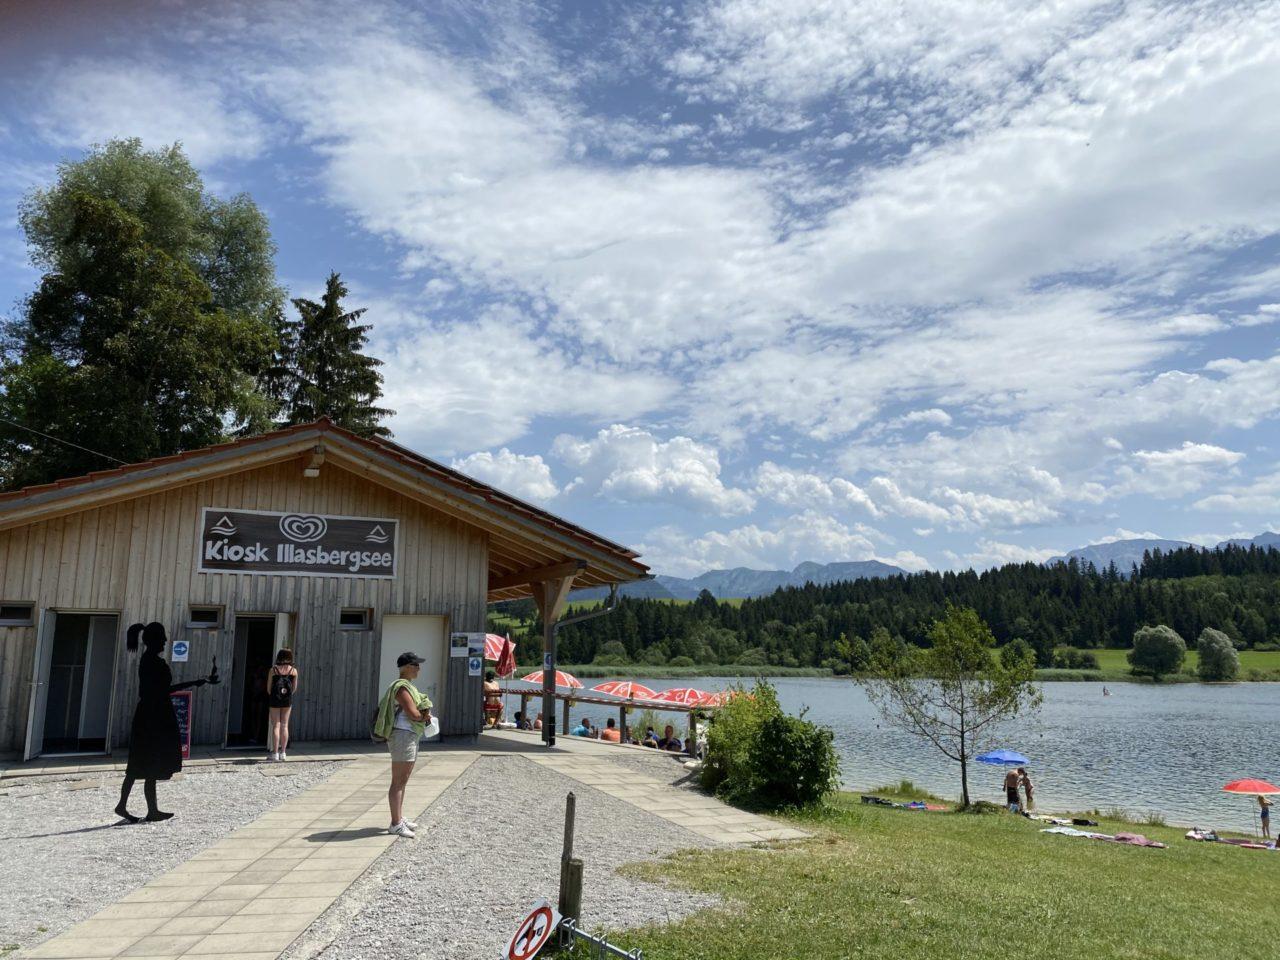 Kiosk mit Bergsee, Wald Und Menschen